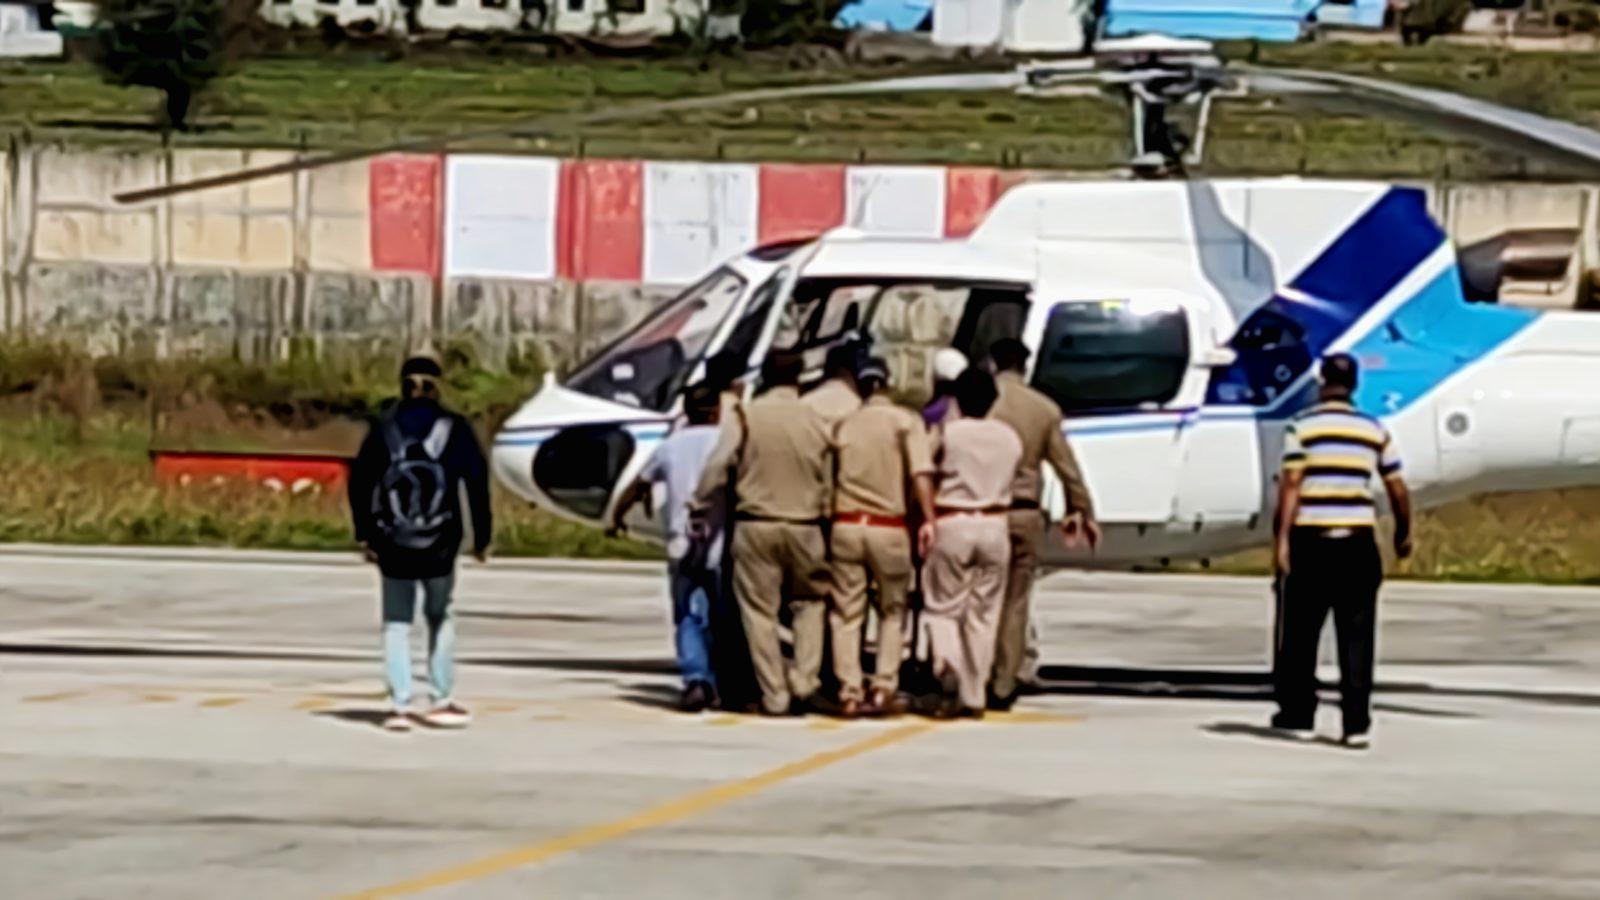 पिथौरागढ़: सेना के हेलीकॉप्टर से चलाया 'रेस्क्यू ऑपरेशन'